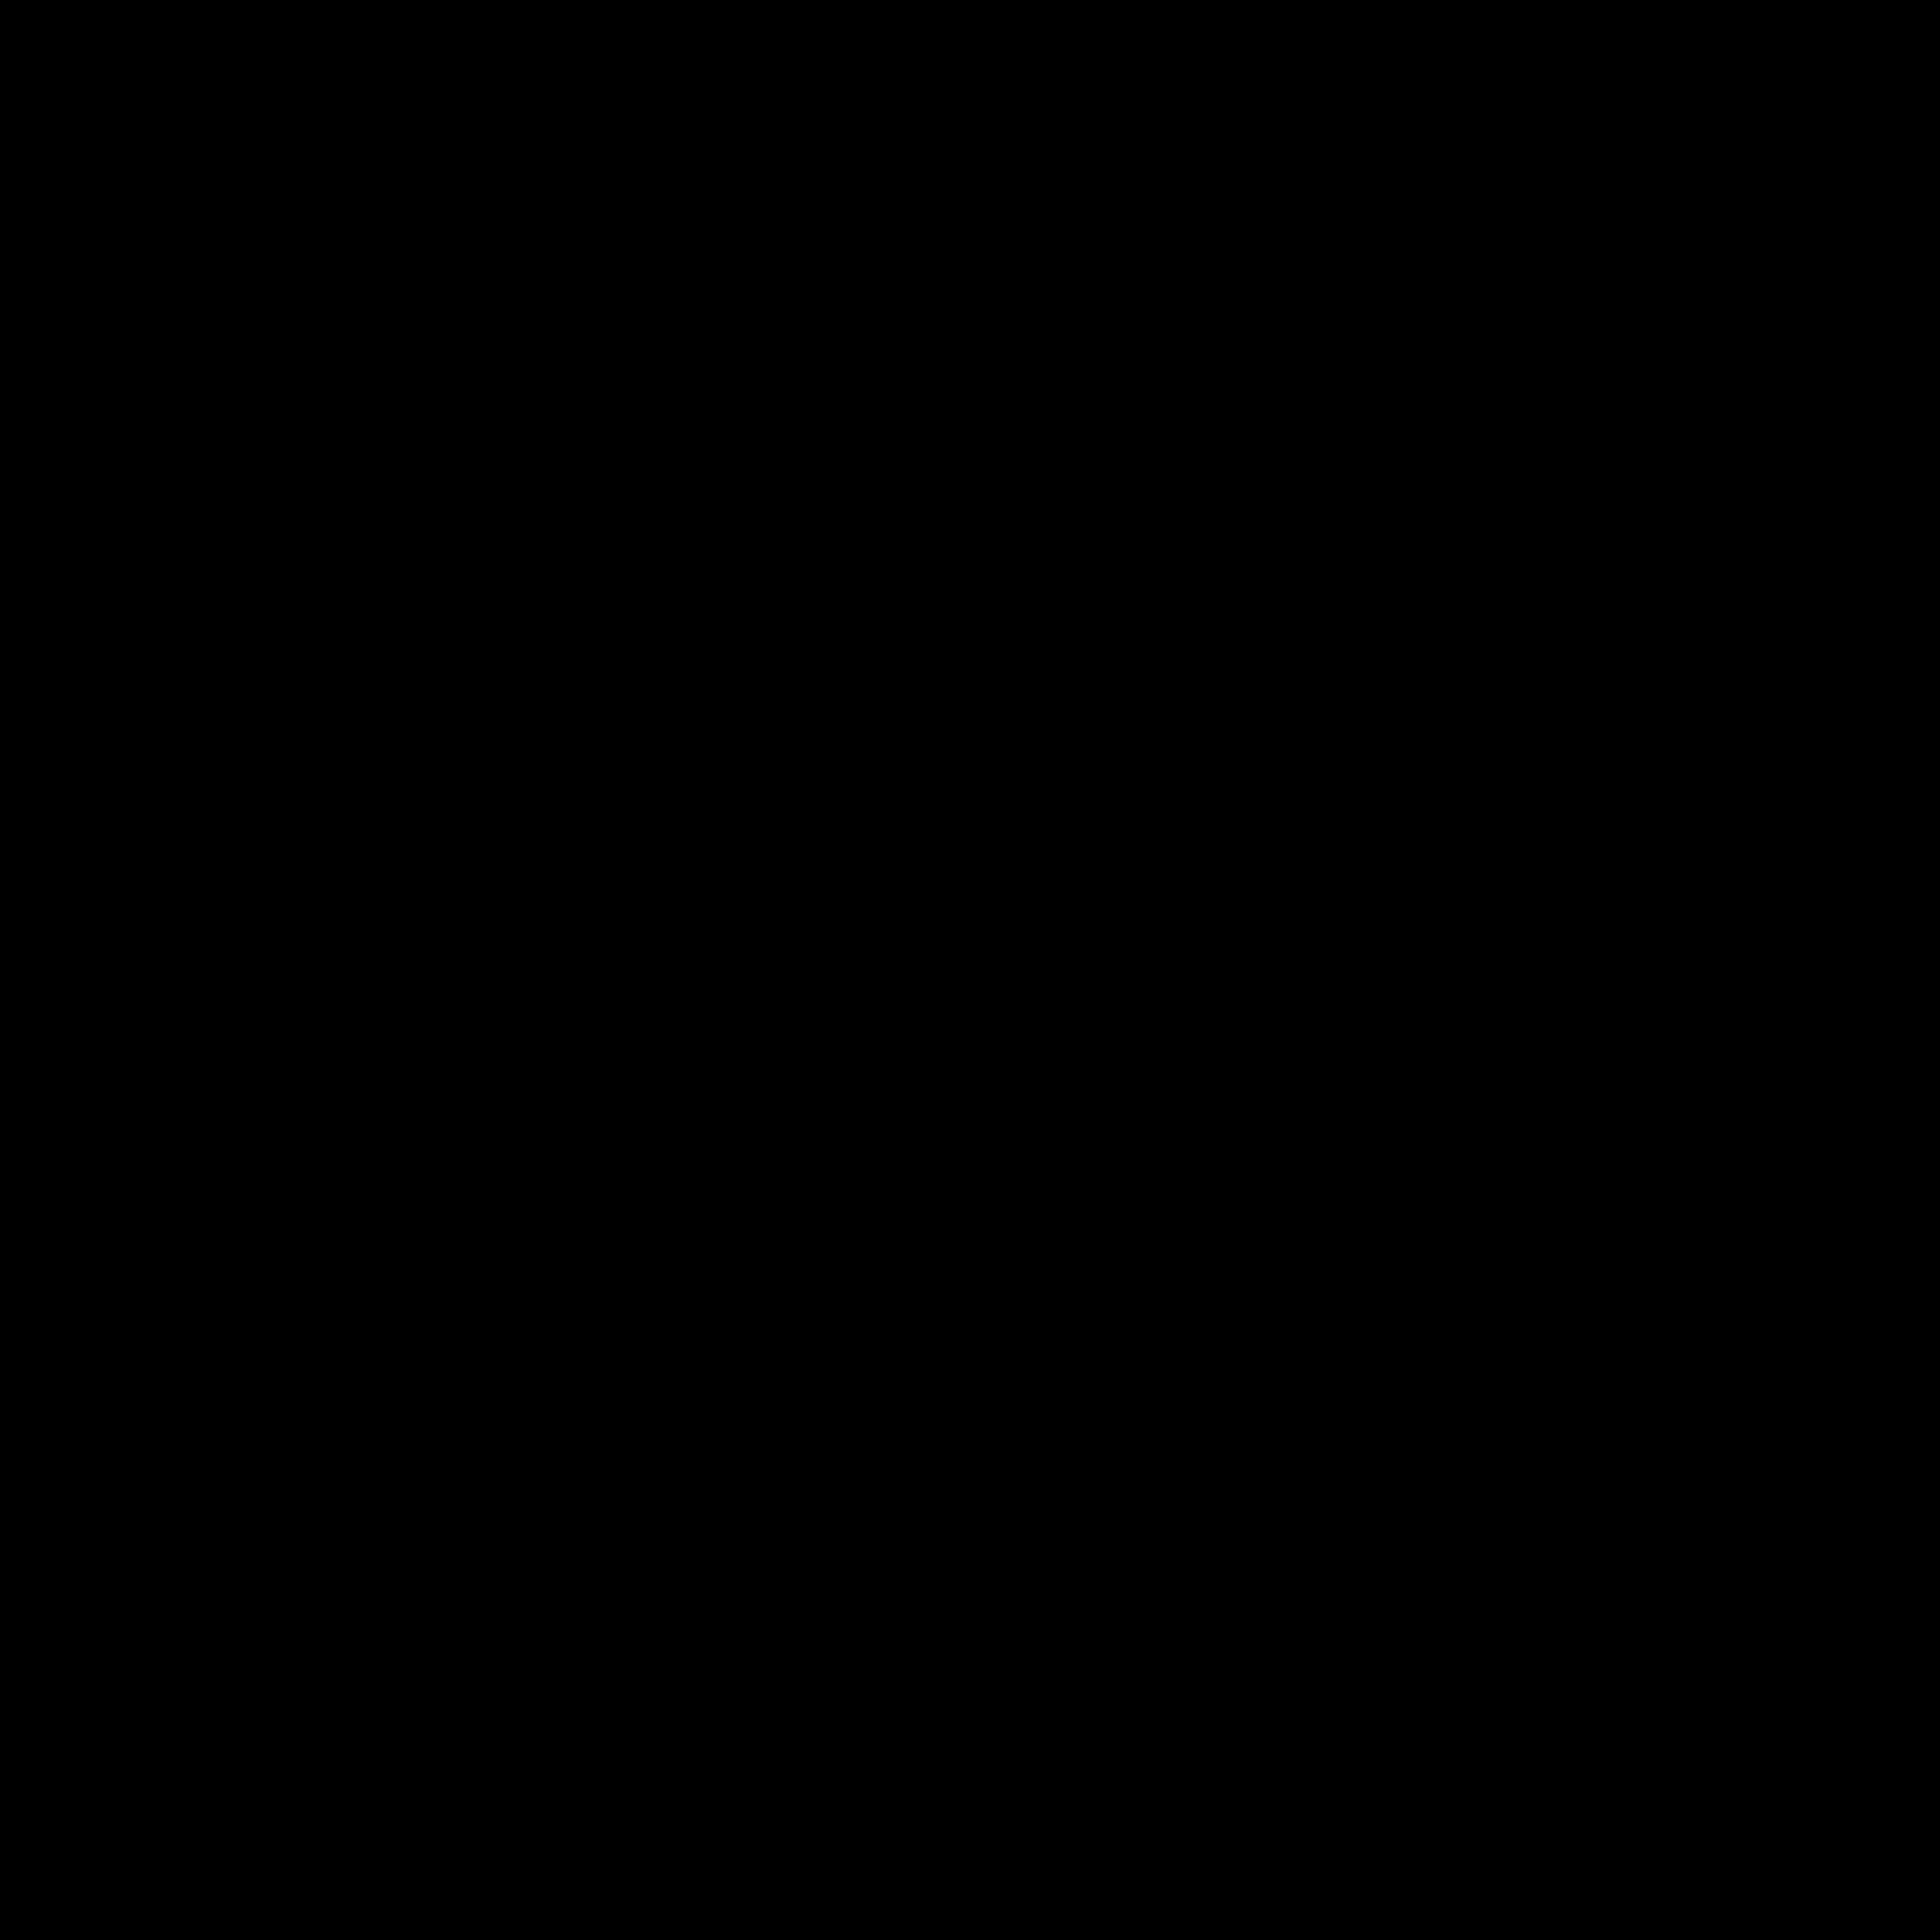 bg-luto